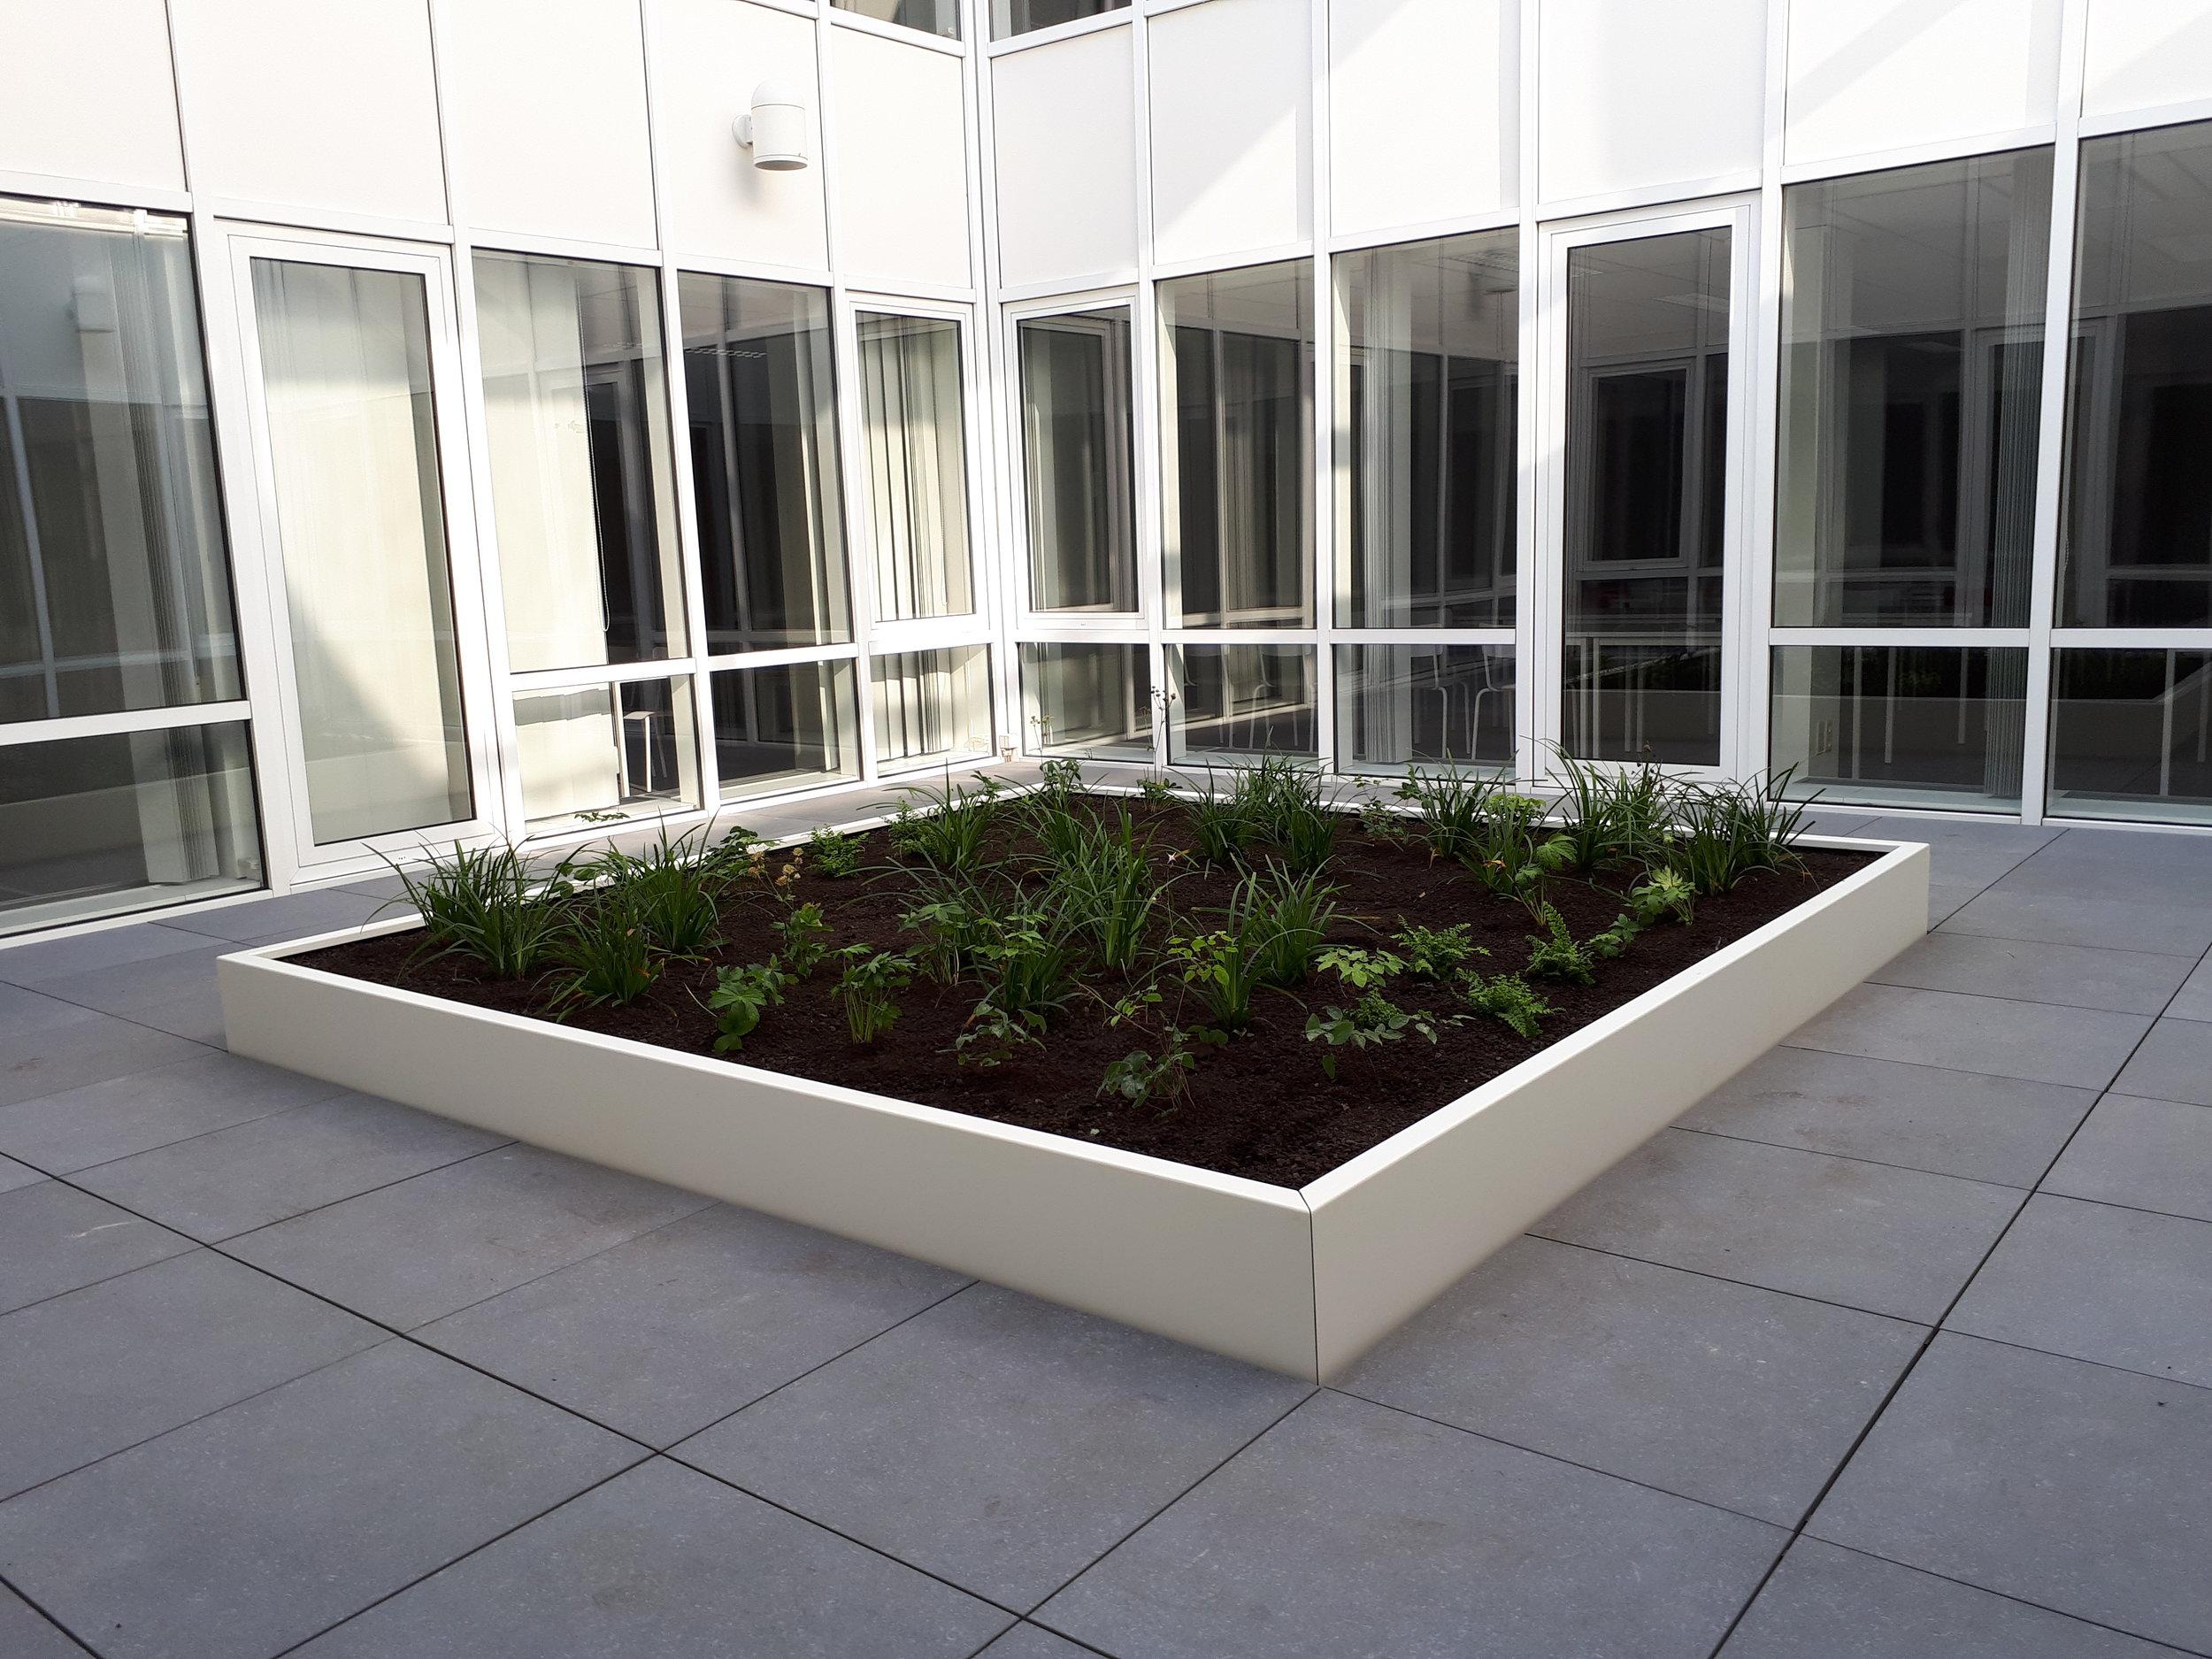 Plantenbakken.jpg